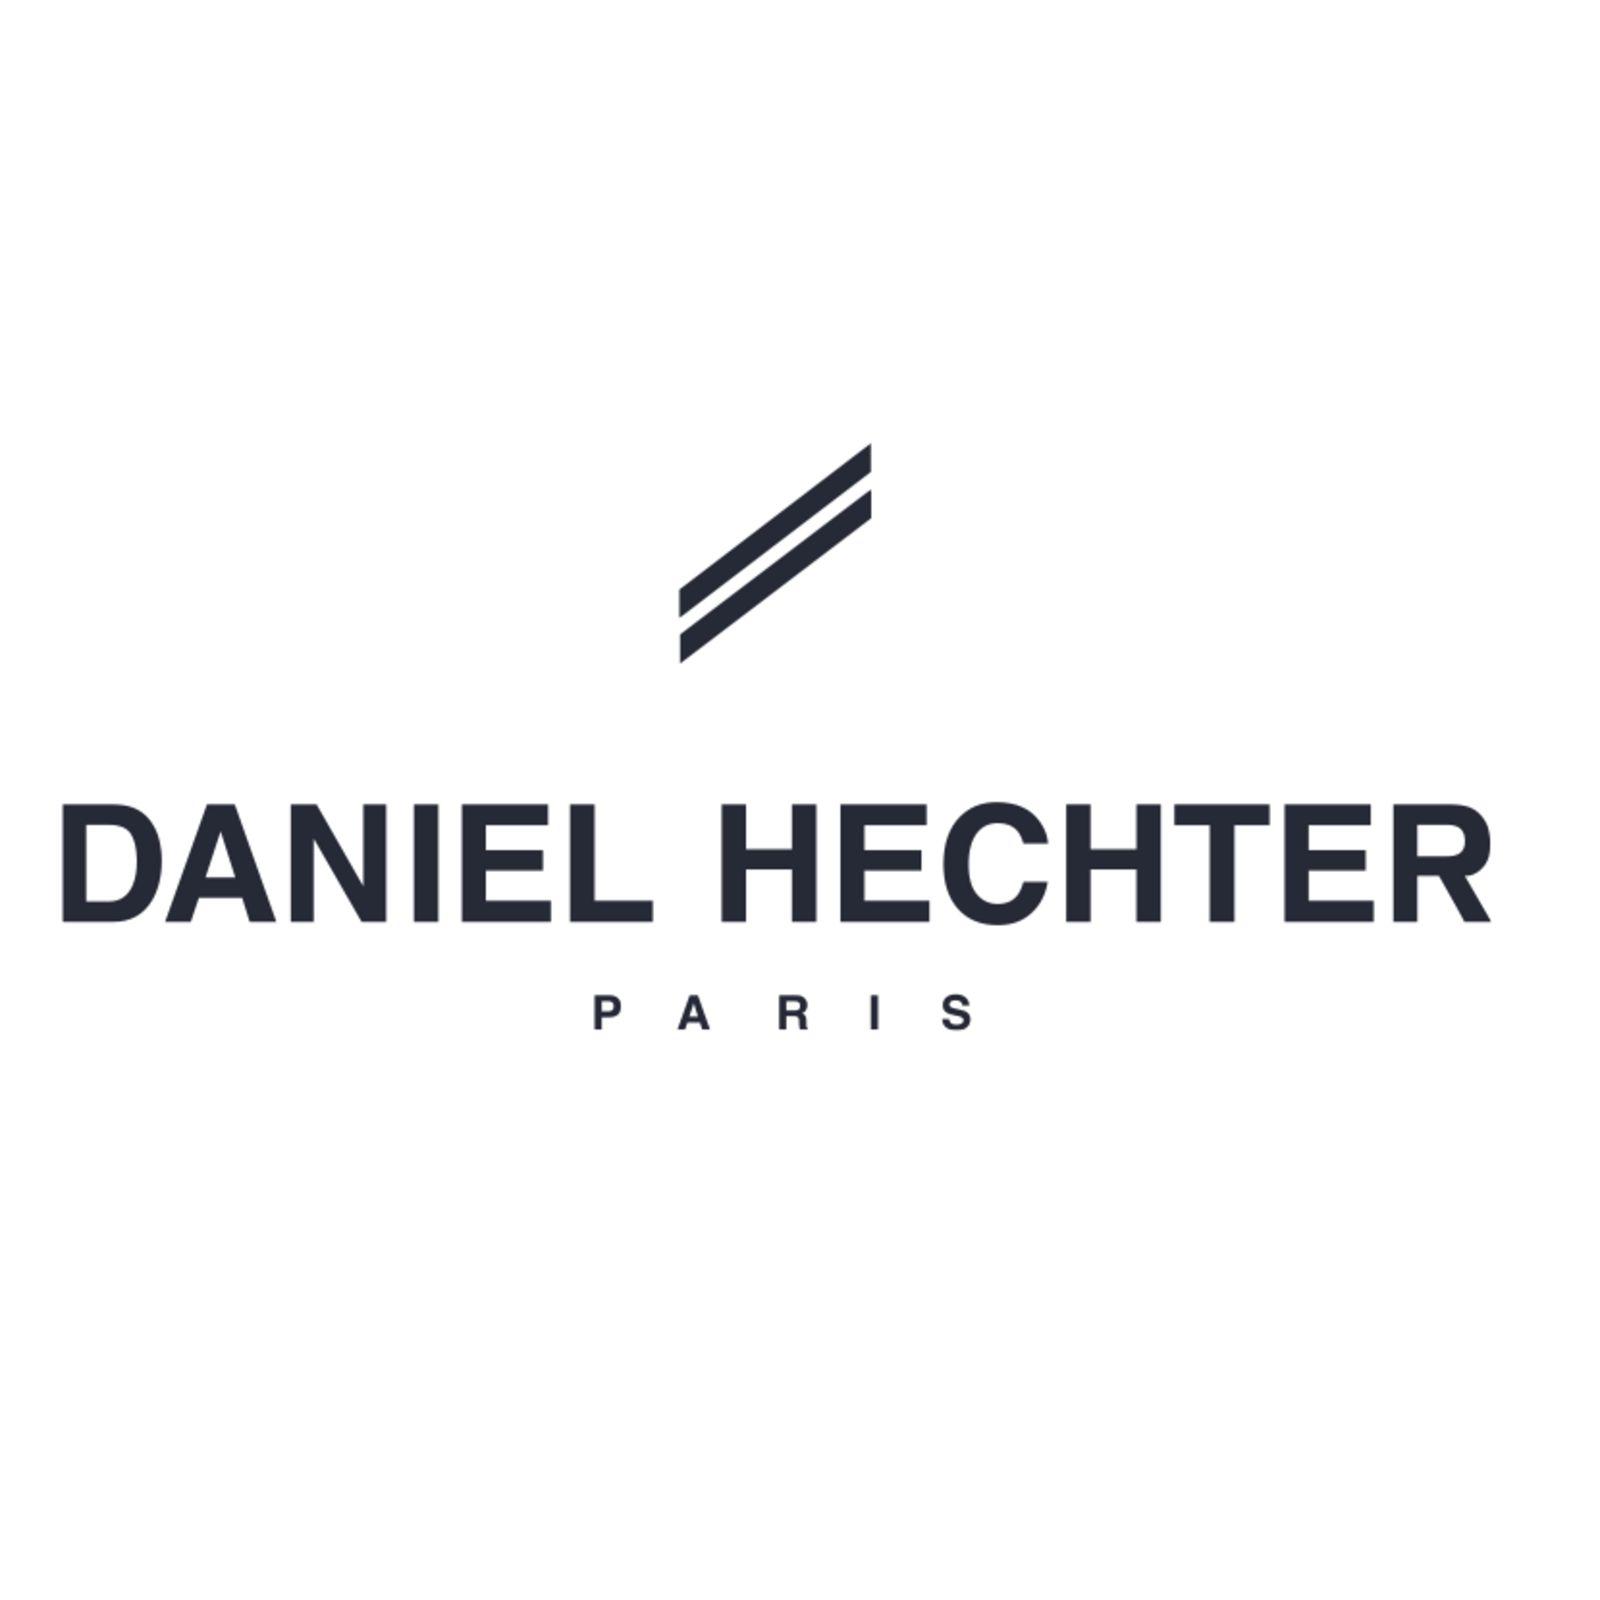 DANIEL HECHTER (Image 1)